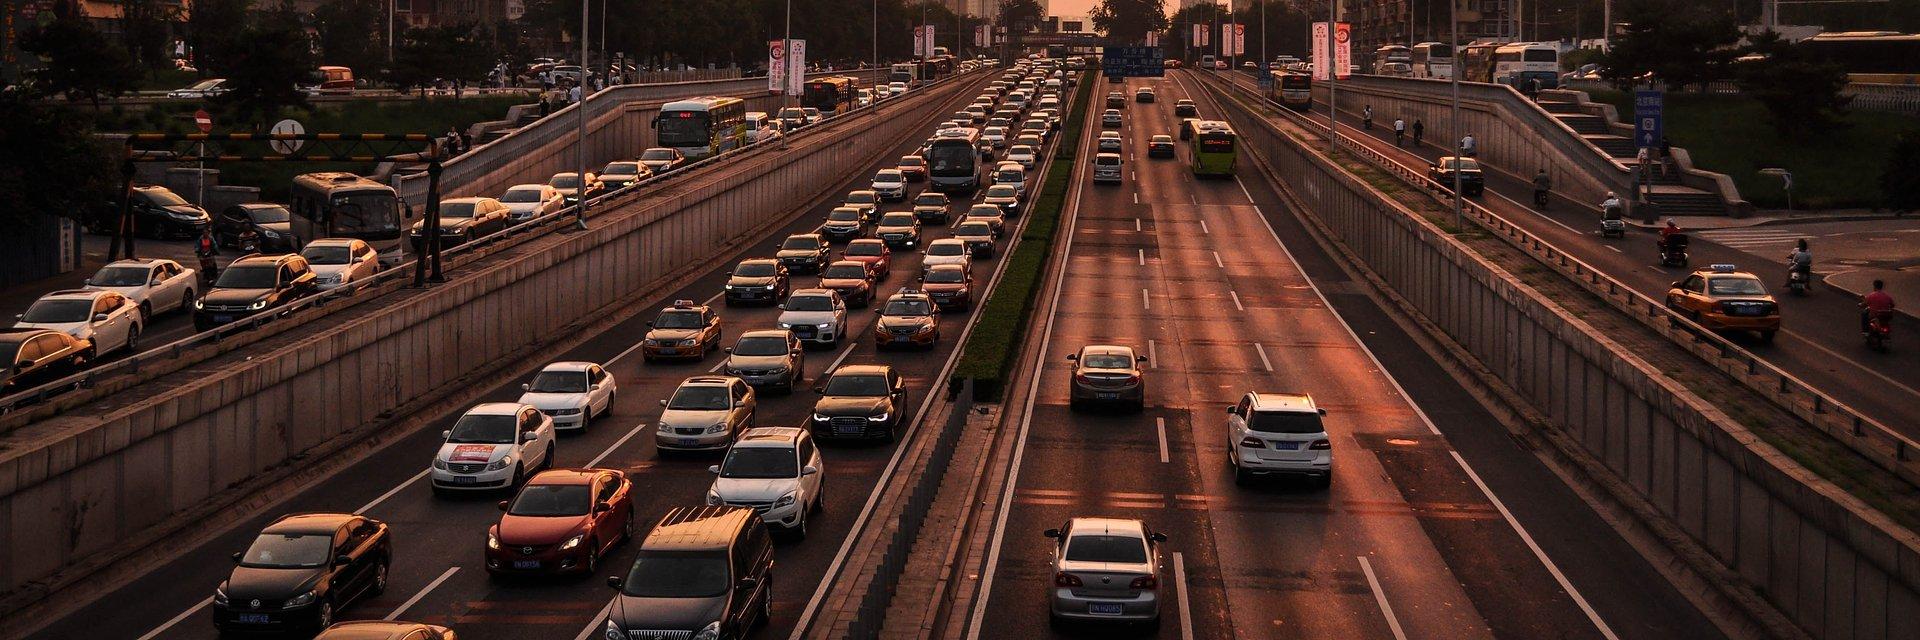 Wsparcie operacyjne Big Data dla zaawansowanych systemów wspomagania jazdy